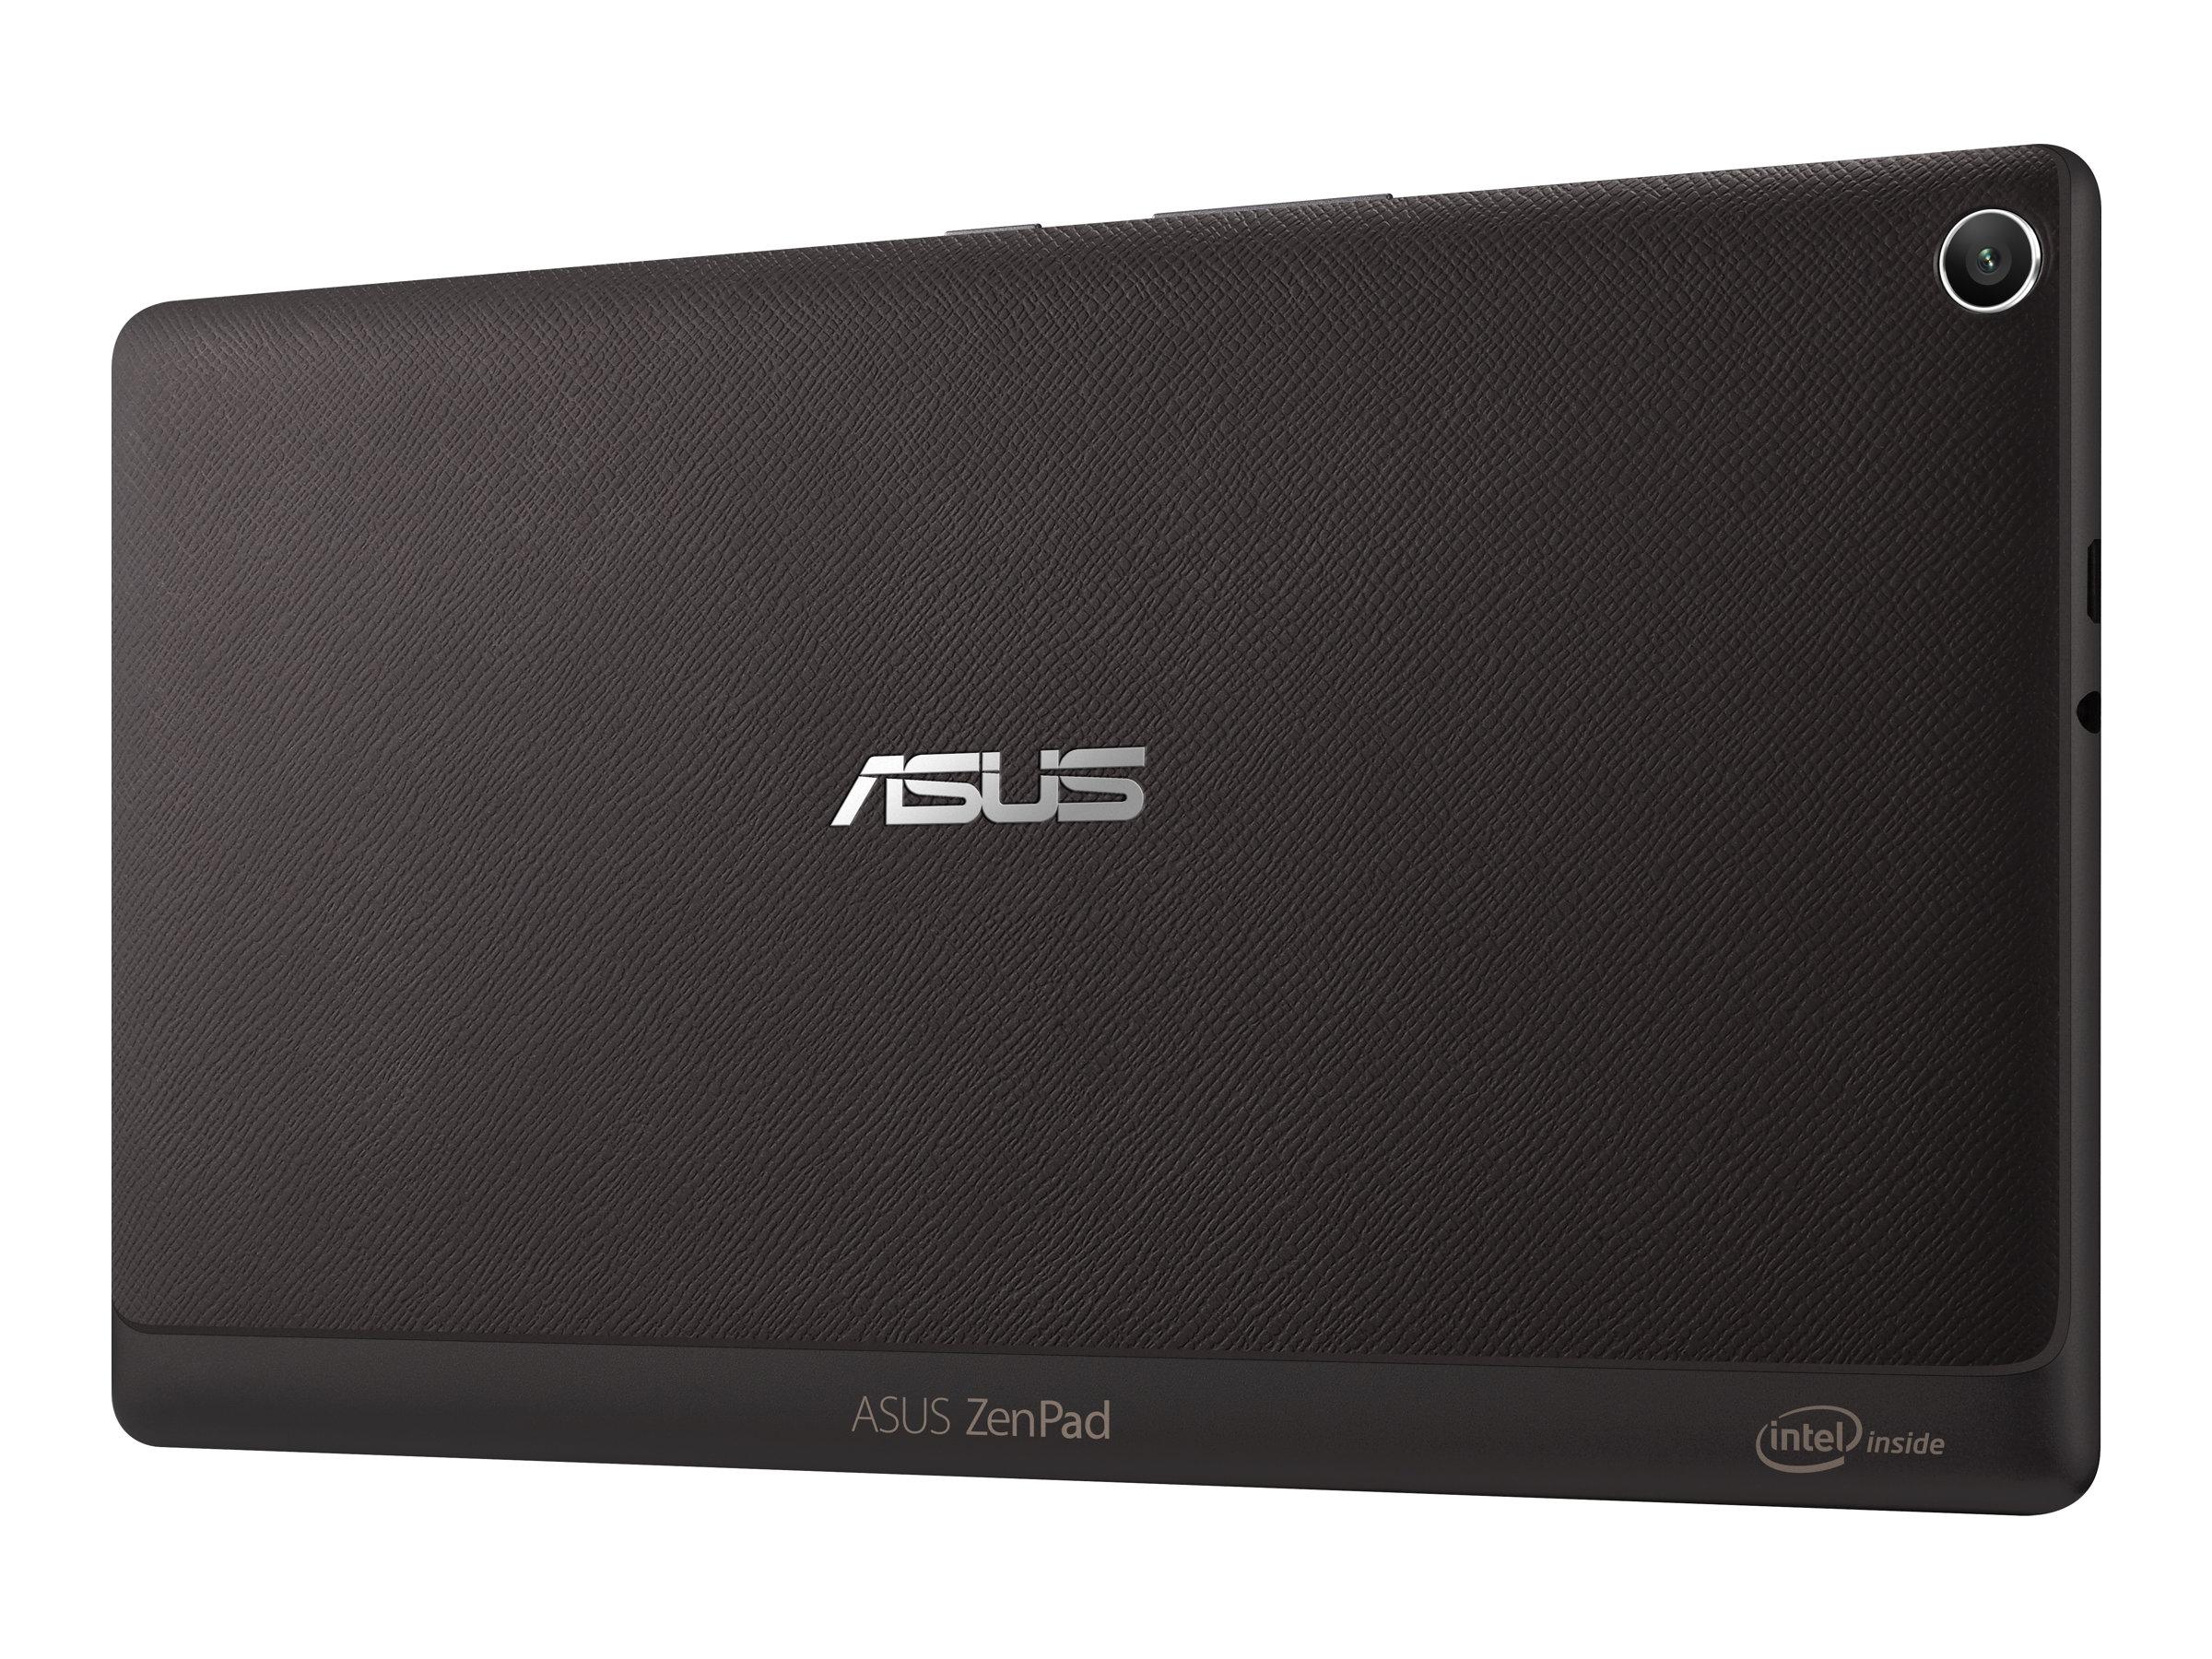 Asus Z380C-A1-BK Image 6